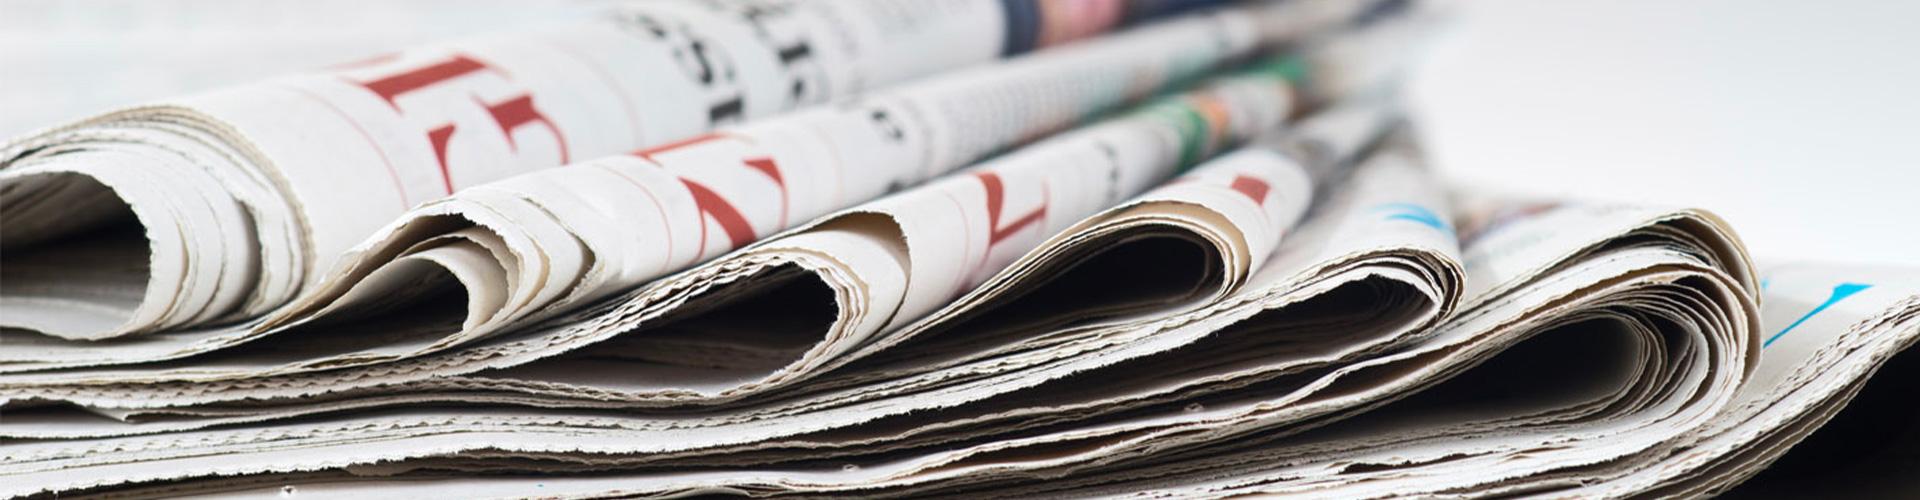 News e aggiornamenti sulle norme vigenti e le agevolazioni in corso nel settore dell'edilizia da Airoldi Edilizia, Impresa Edile di Lecco.